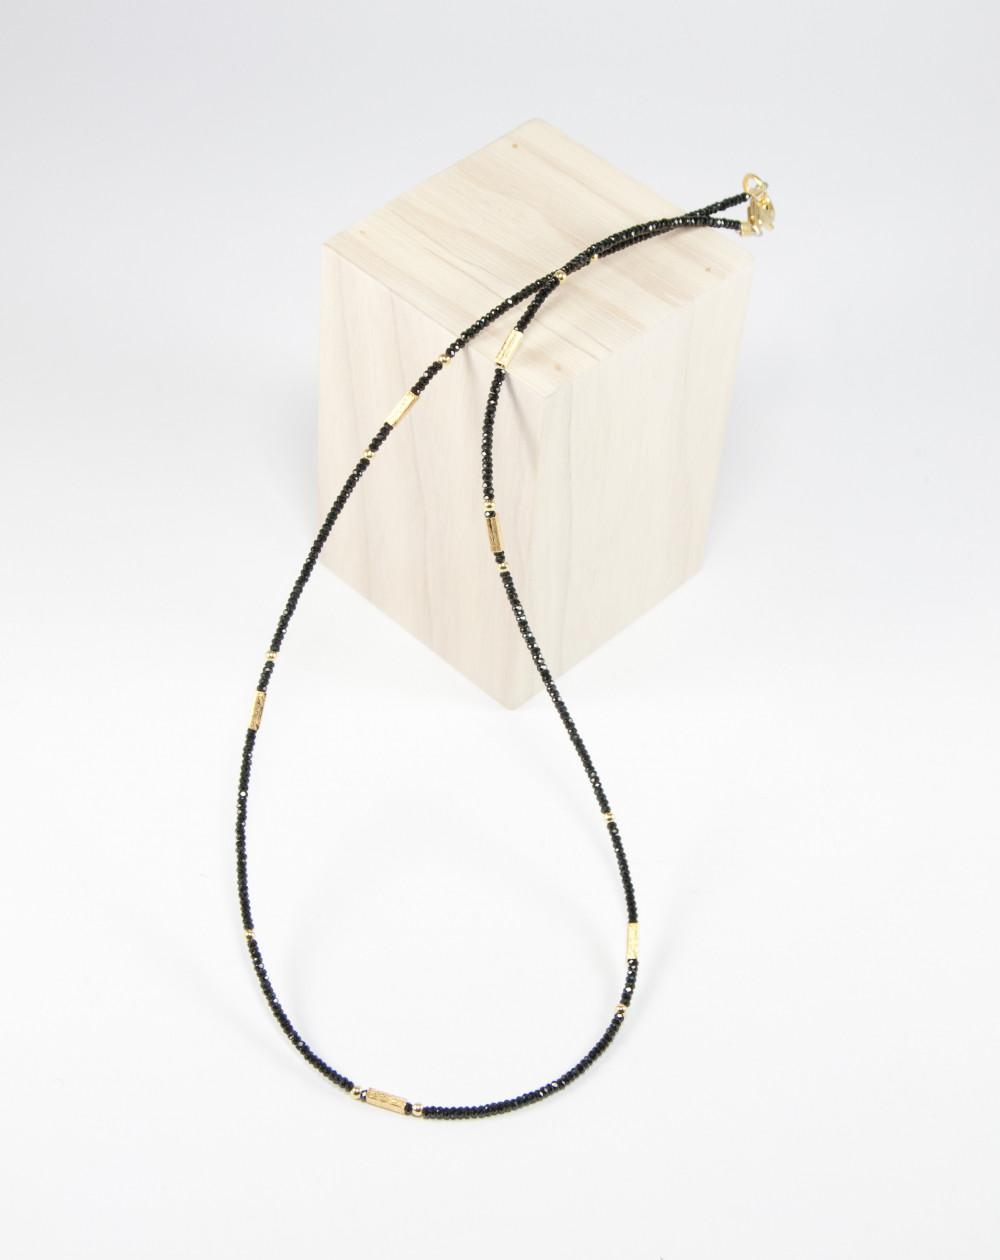 Collier en Spinelle noir, plaqué or